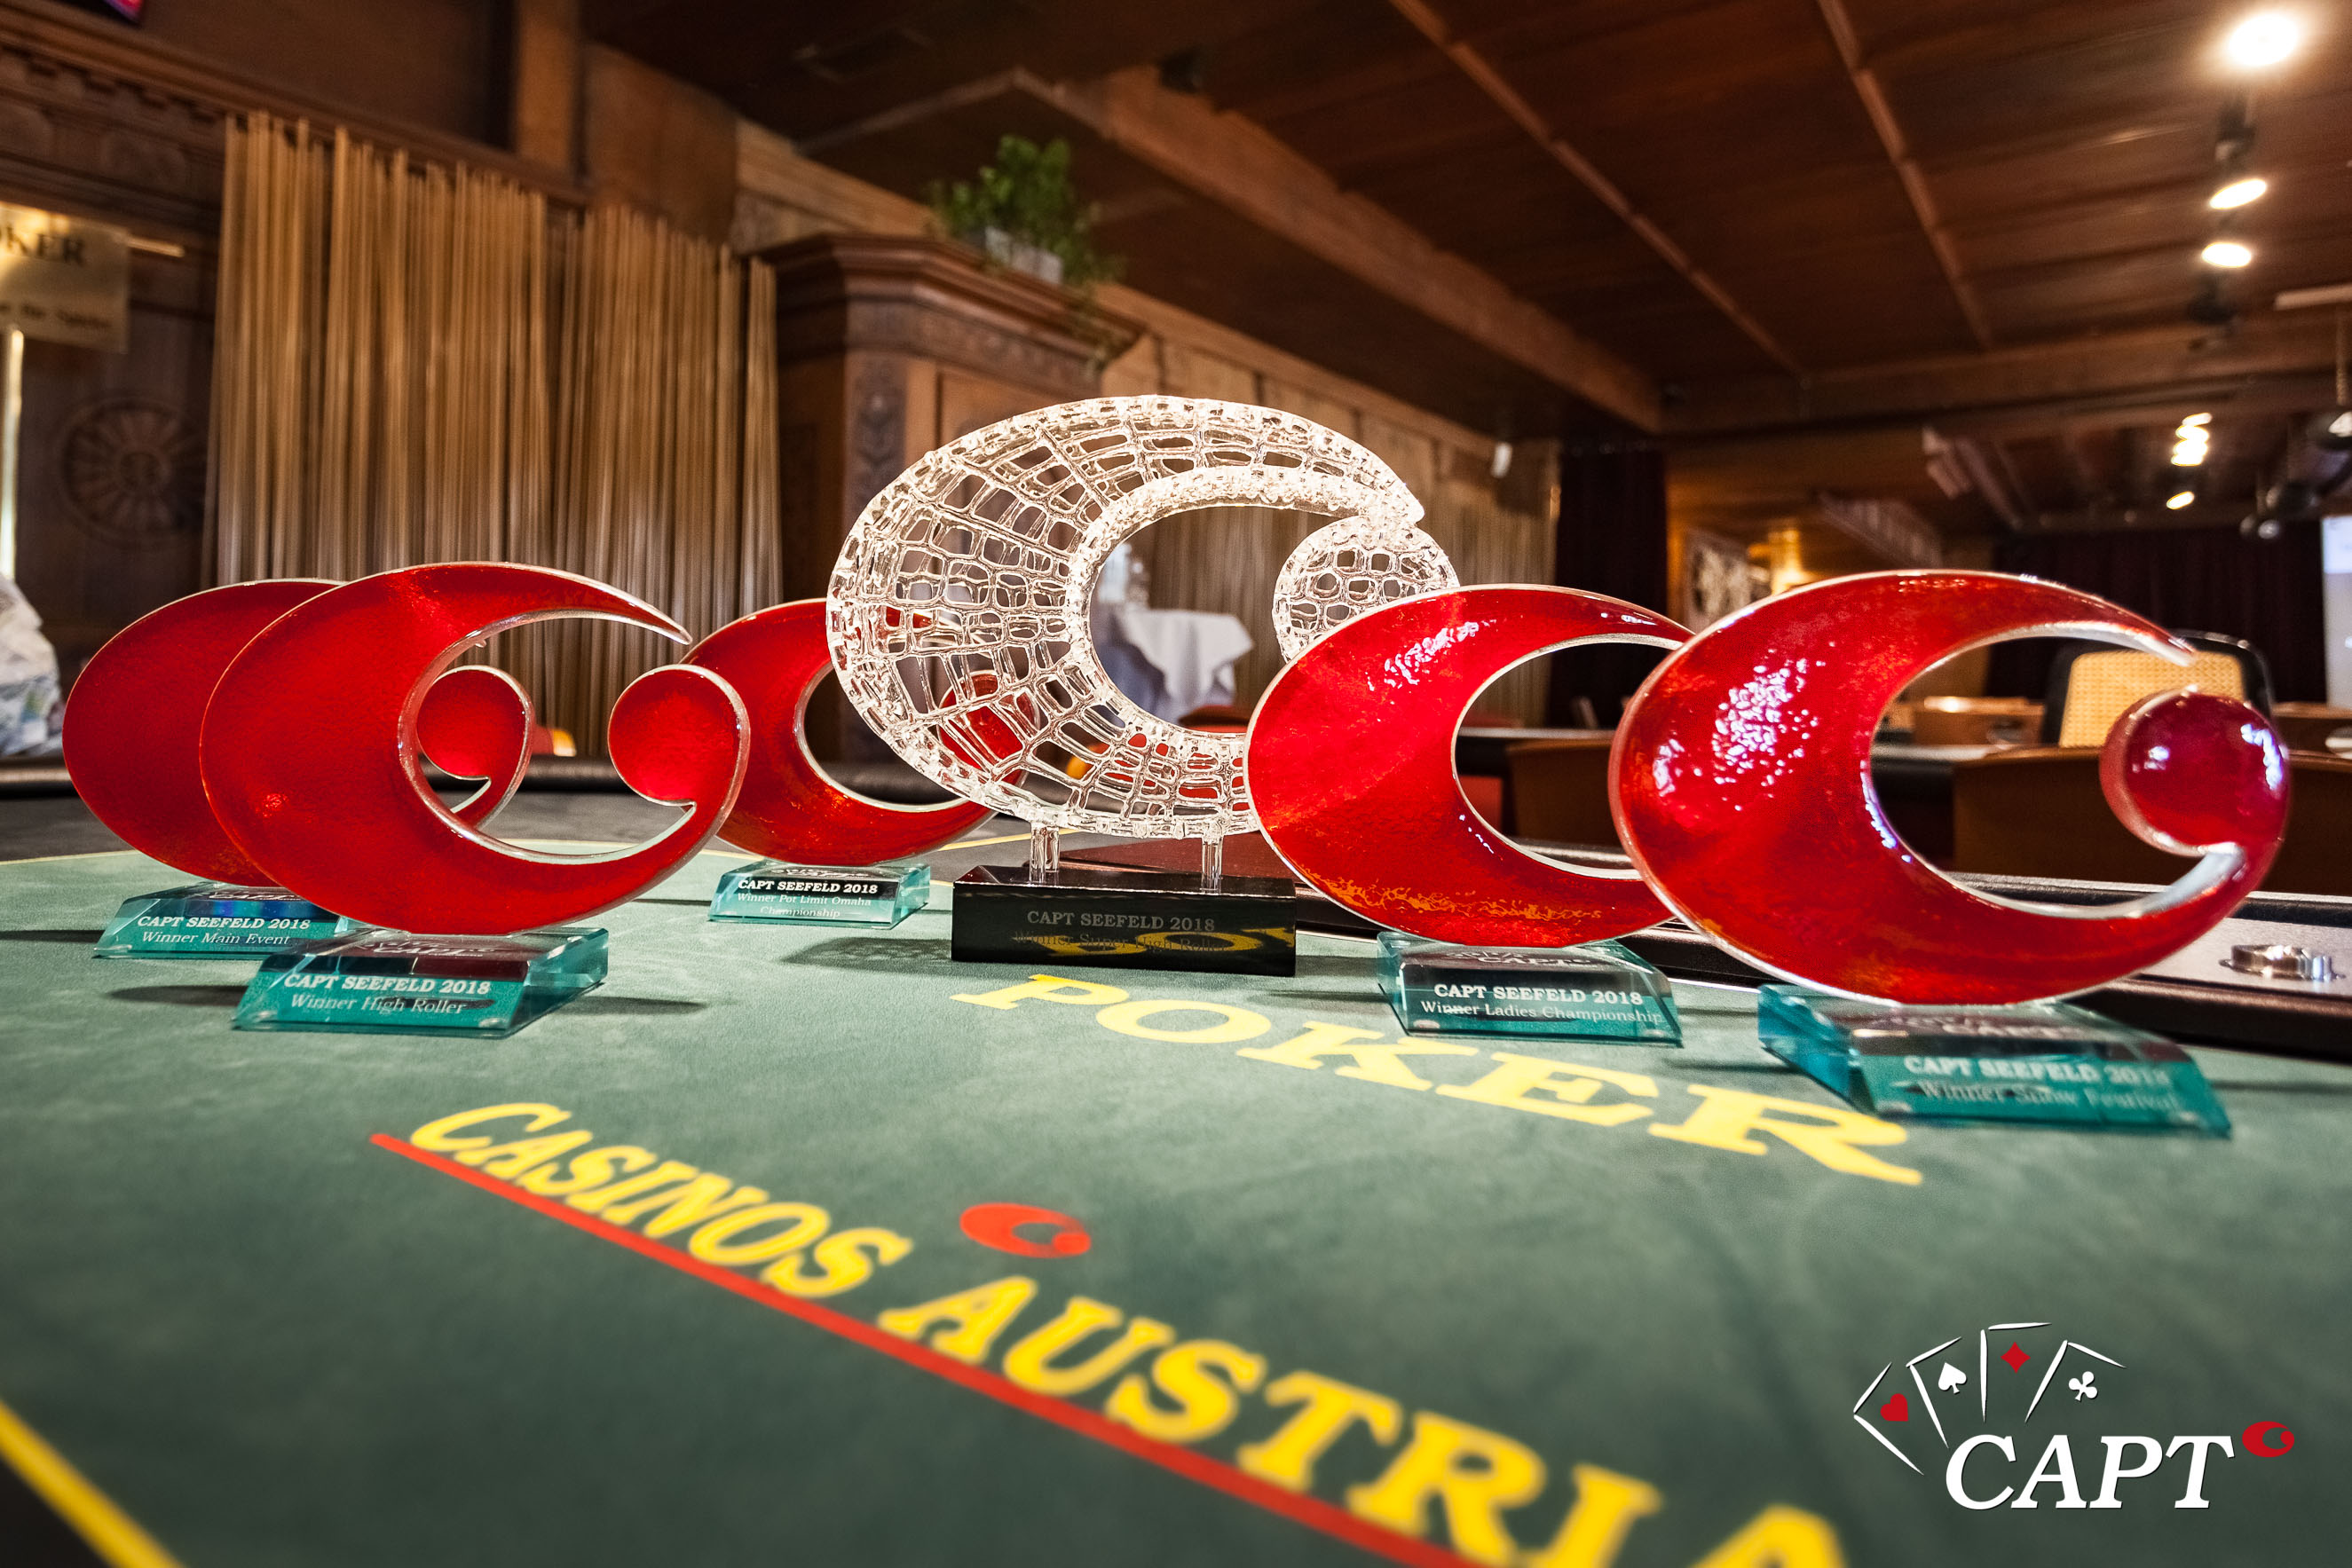 Pokern im Casino Seefeld